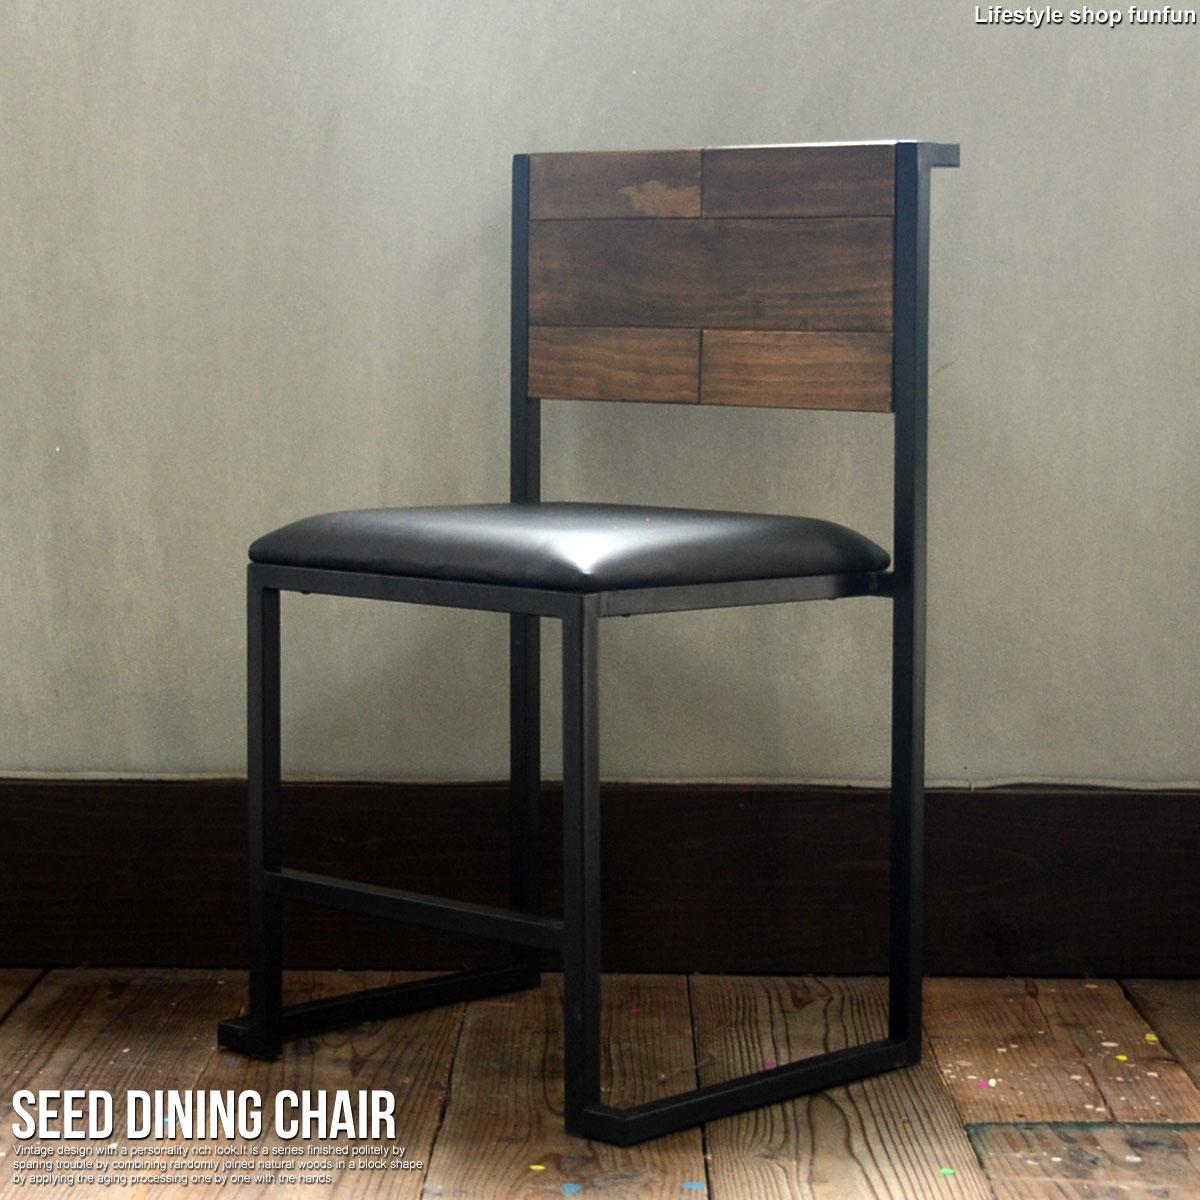 【あす楽】ダイニングチェア 椅子 SEED シード 木製チェア チェアー 椅子 パーソナルチェア 天然木 男前 アイアン ブルックリン シンプル